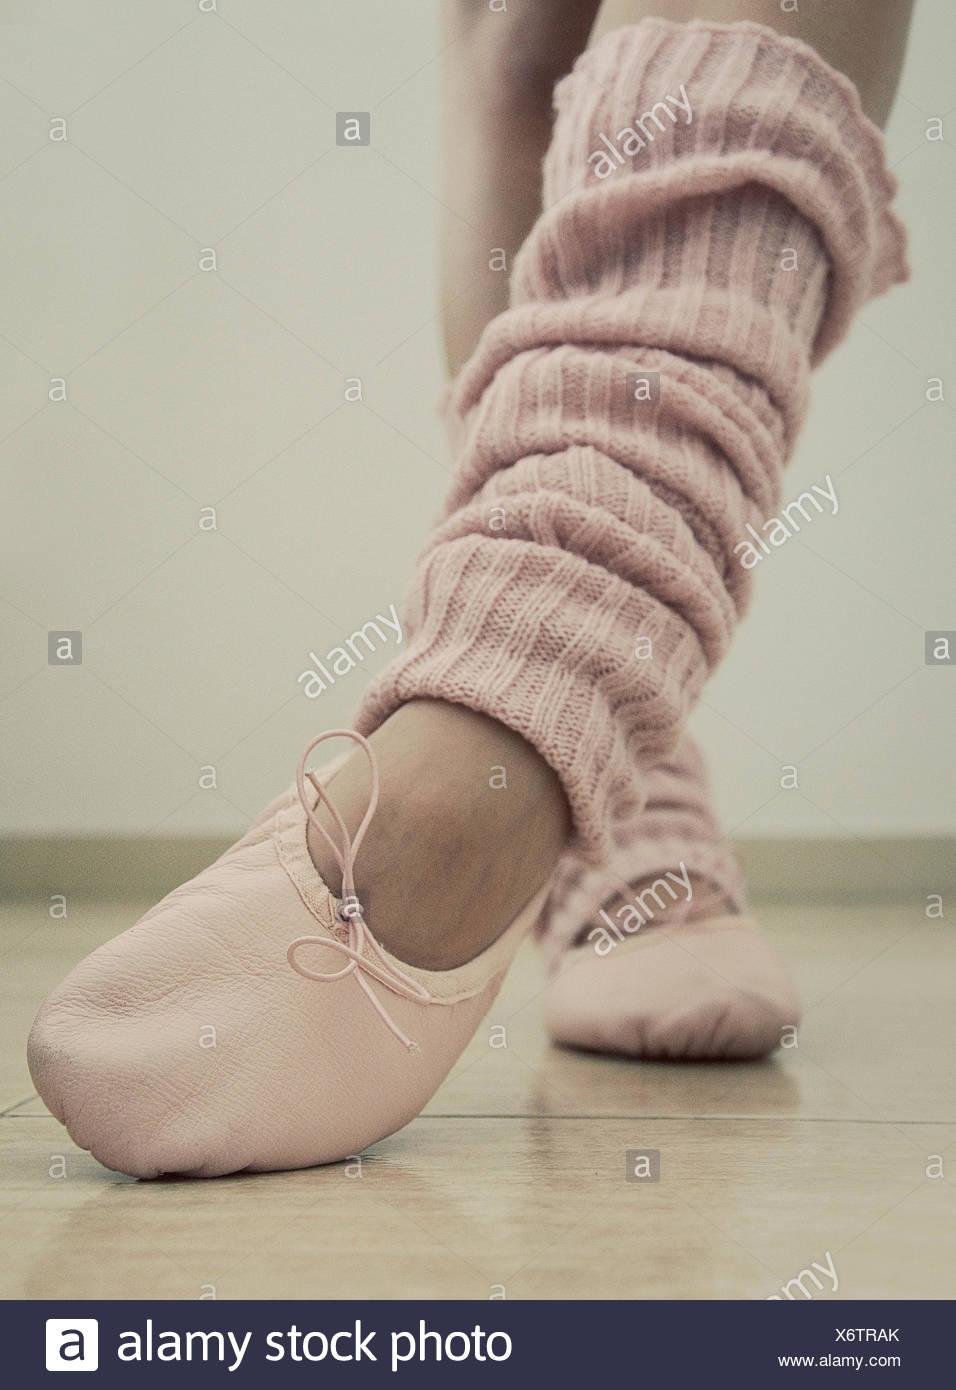 Close-up de una adolescente las piernas, zapatos de ballet y calentadores de pierna Imagen De Stock